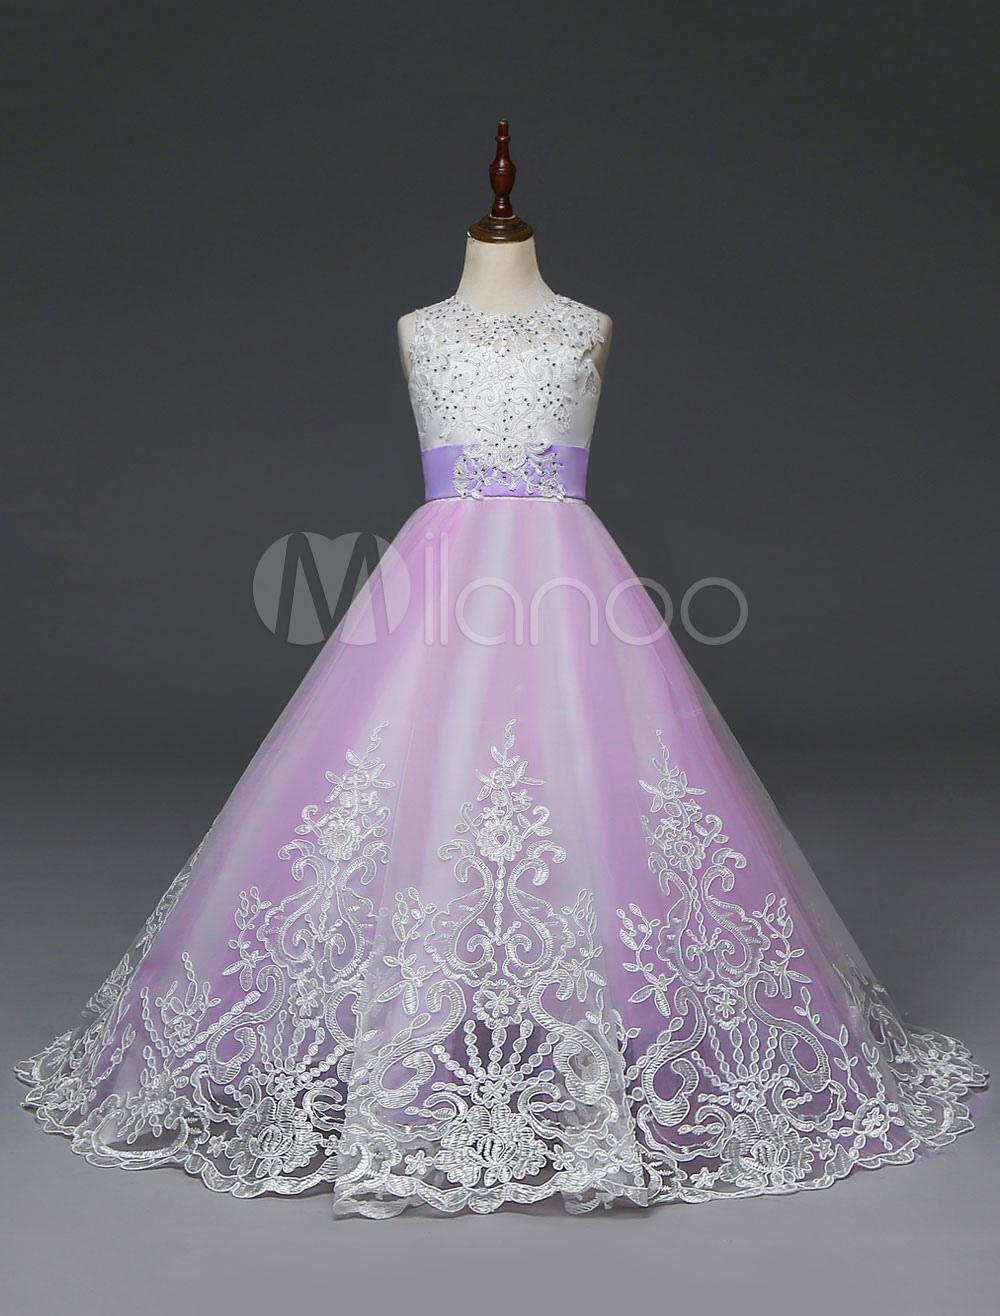 b8bf8591c2f ... Princesse Fleur Fille Robes Enfants Dentelle Lilas Perles Perles Arcs Filles  Robe De Fête Avec Train ...